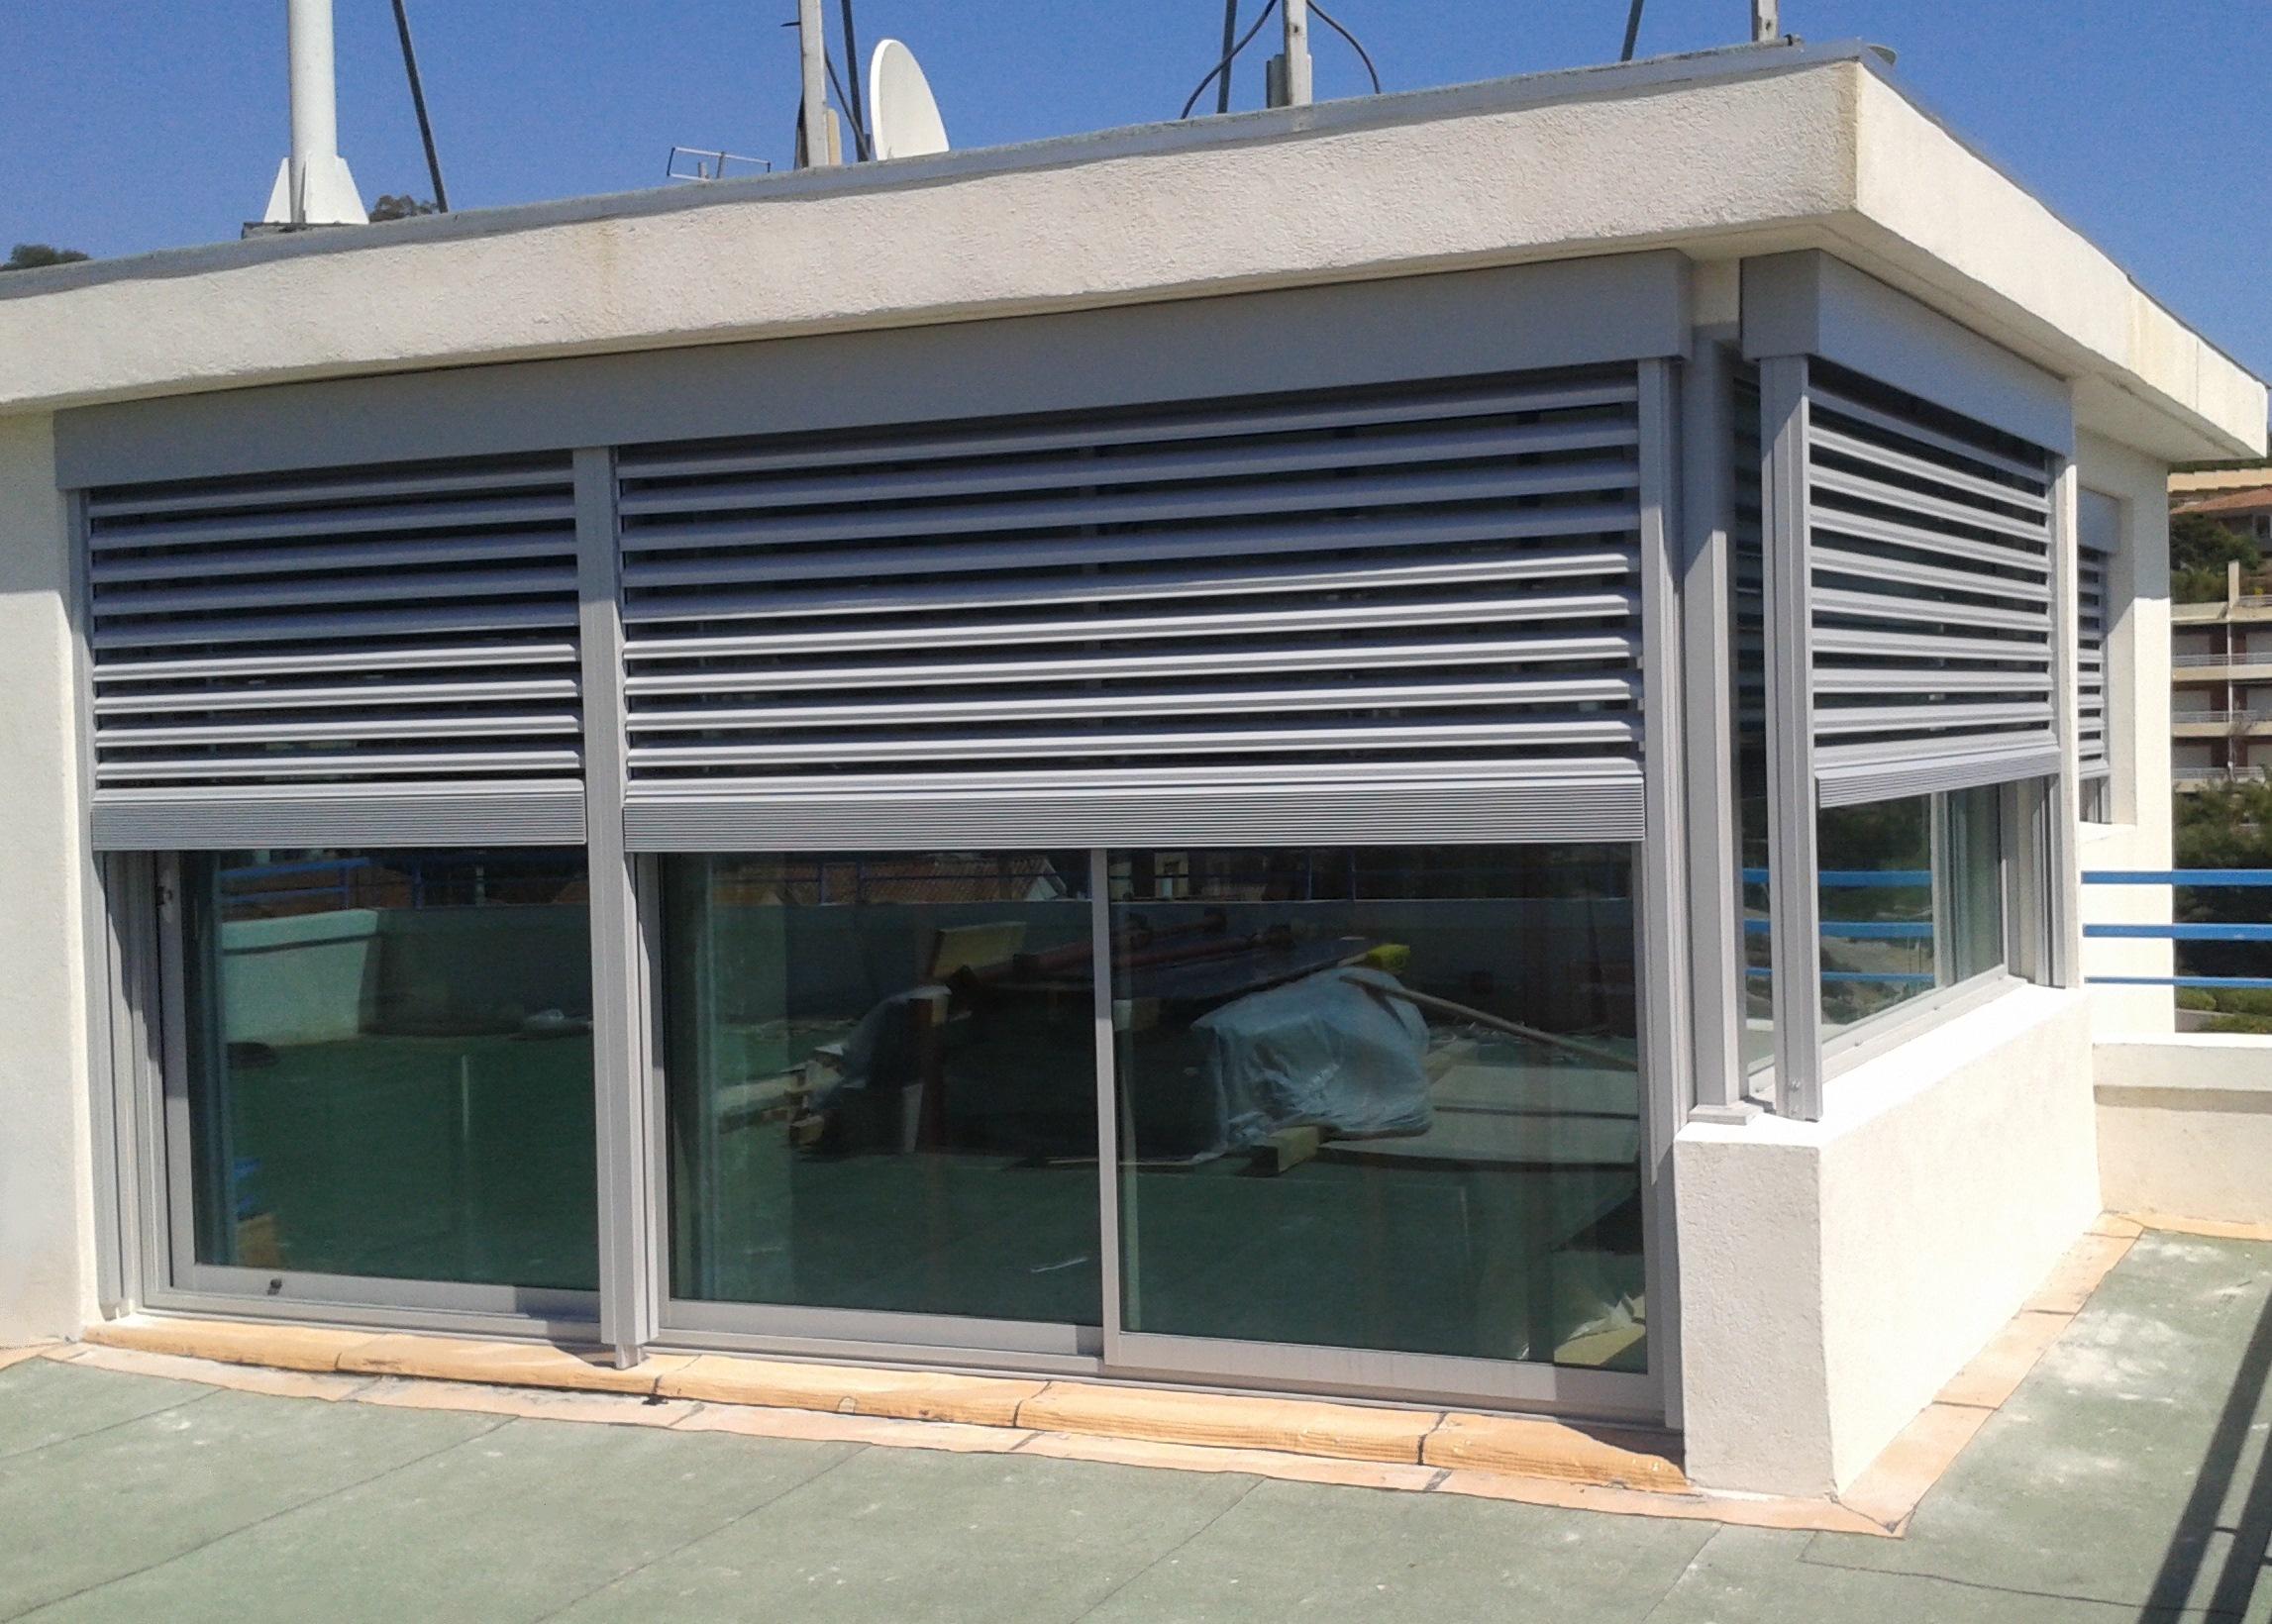 Porte de garage enroulable pas cher portail de garage for Porte service pvc pas cher